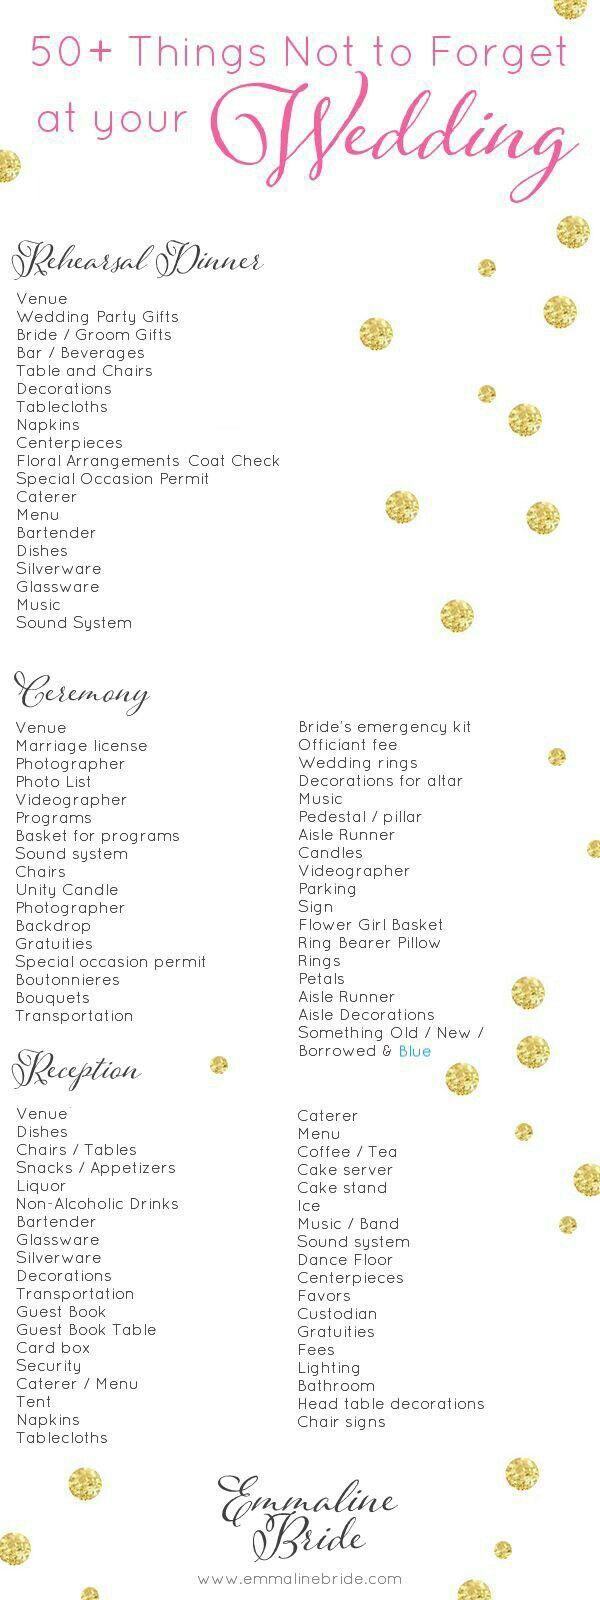 Pin von Kerry McCafferty auf Wedding tips & ideas | Pinterest ...